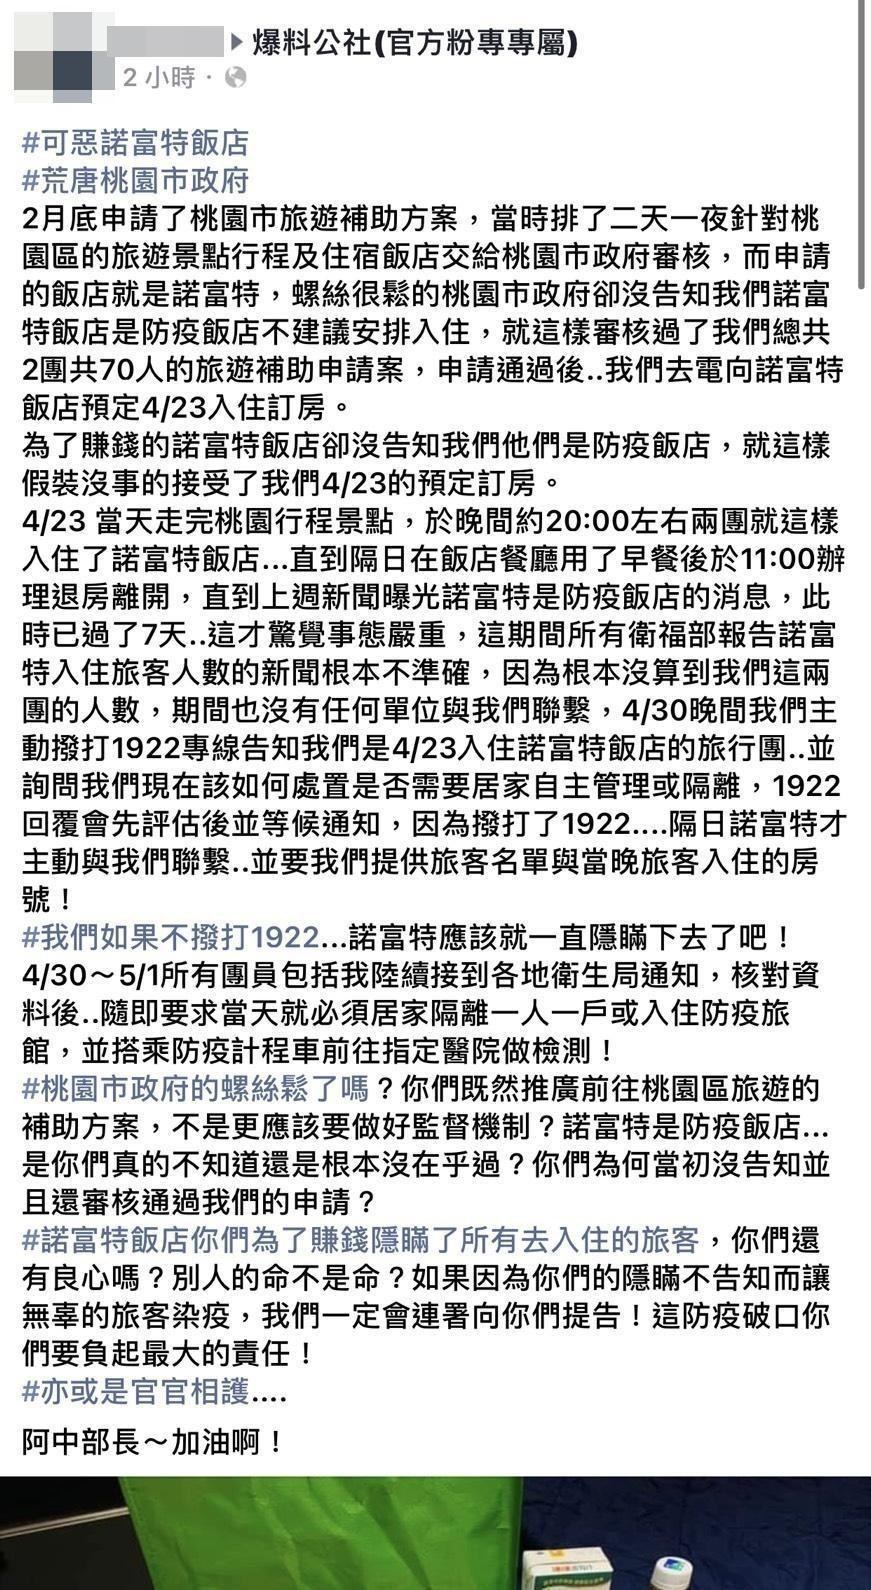 [新聞] 網爆諾富特隱匿70人入住紀錄 若有確診將